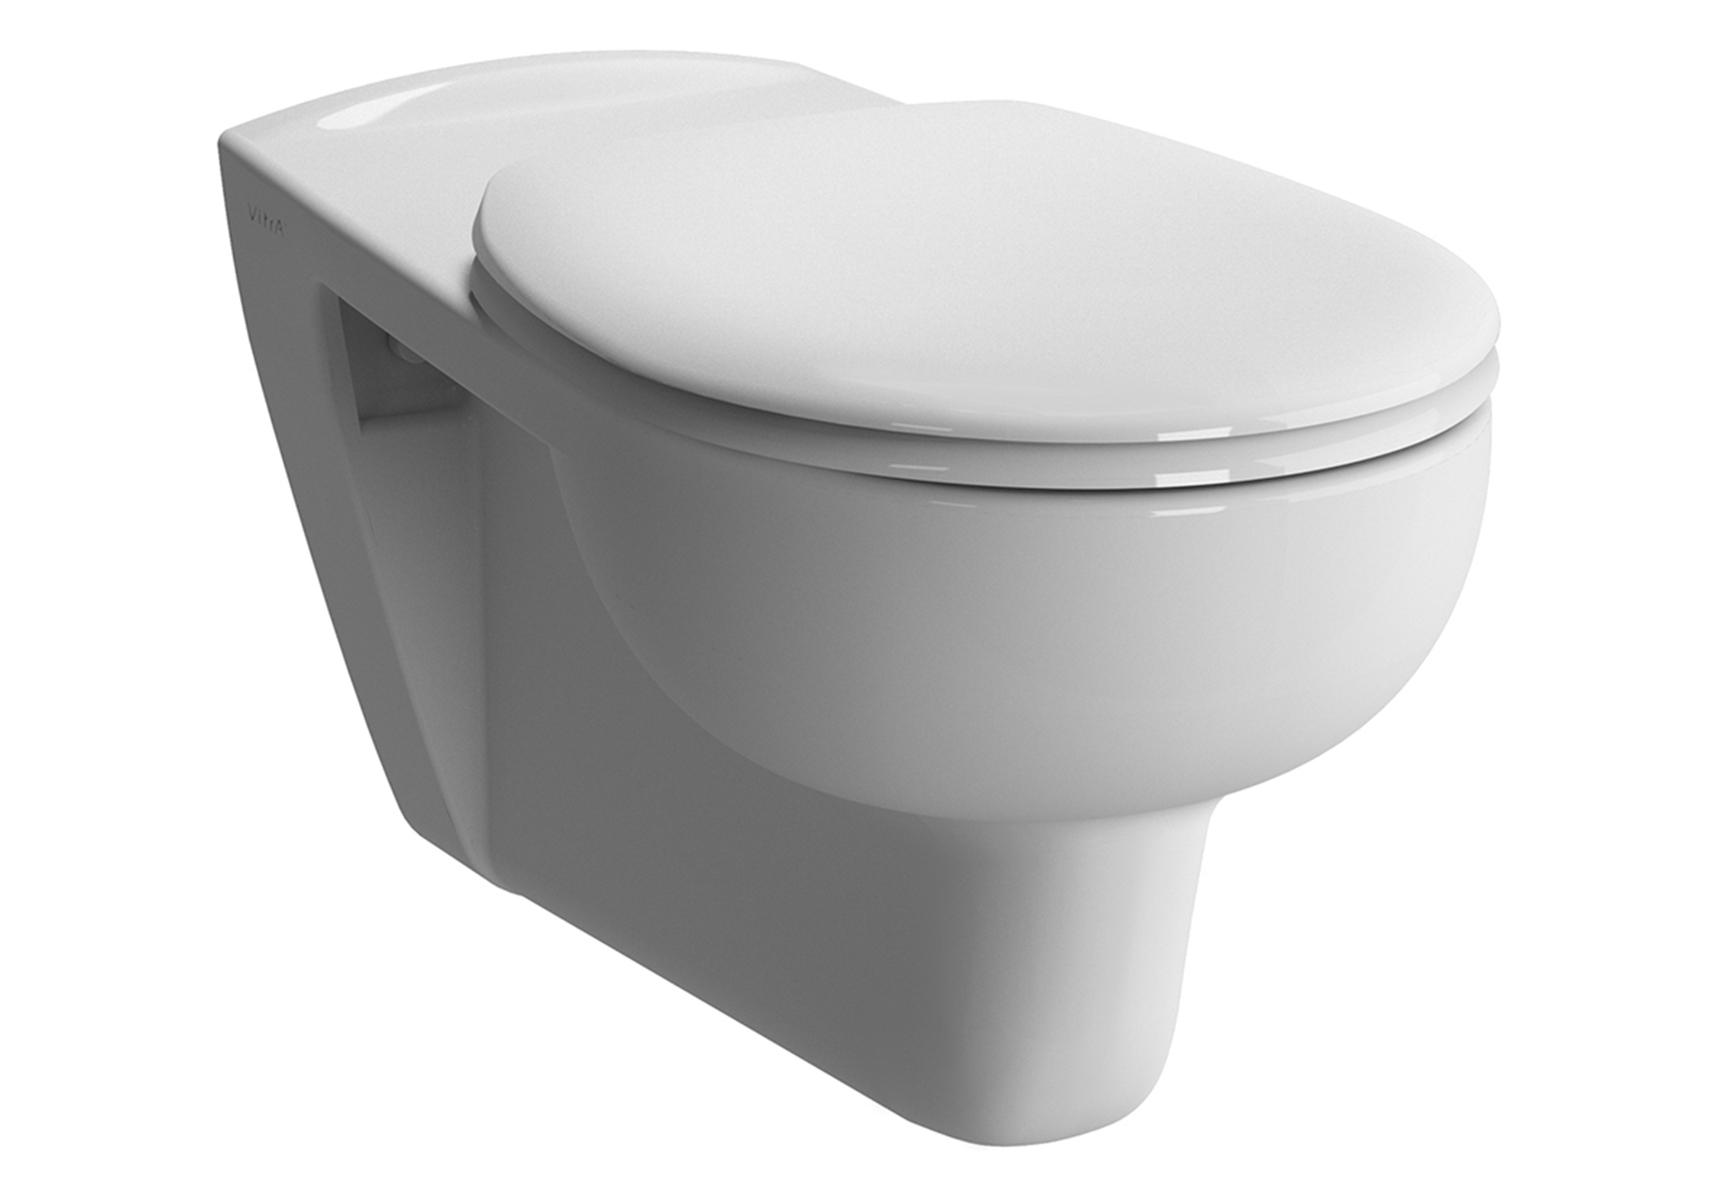 Conforma WC suspendu 70 cm PMR, sans trou d'abattant, adapté pour chaise roulante